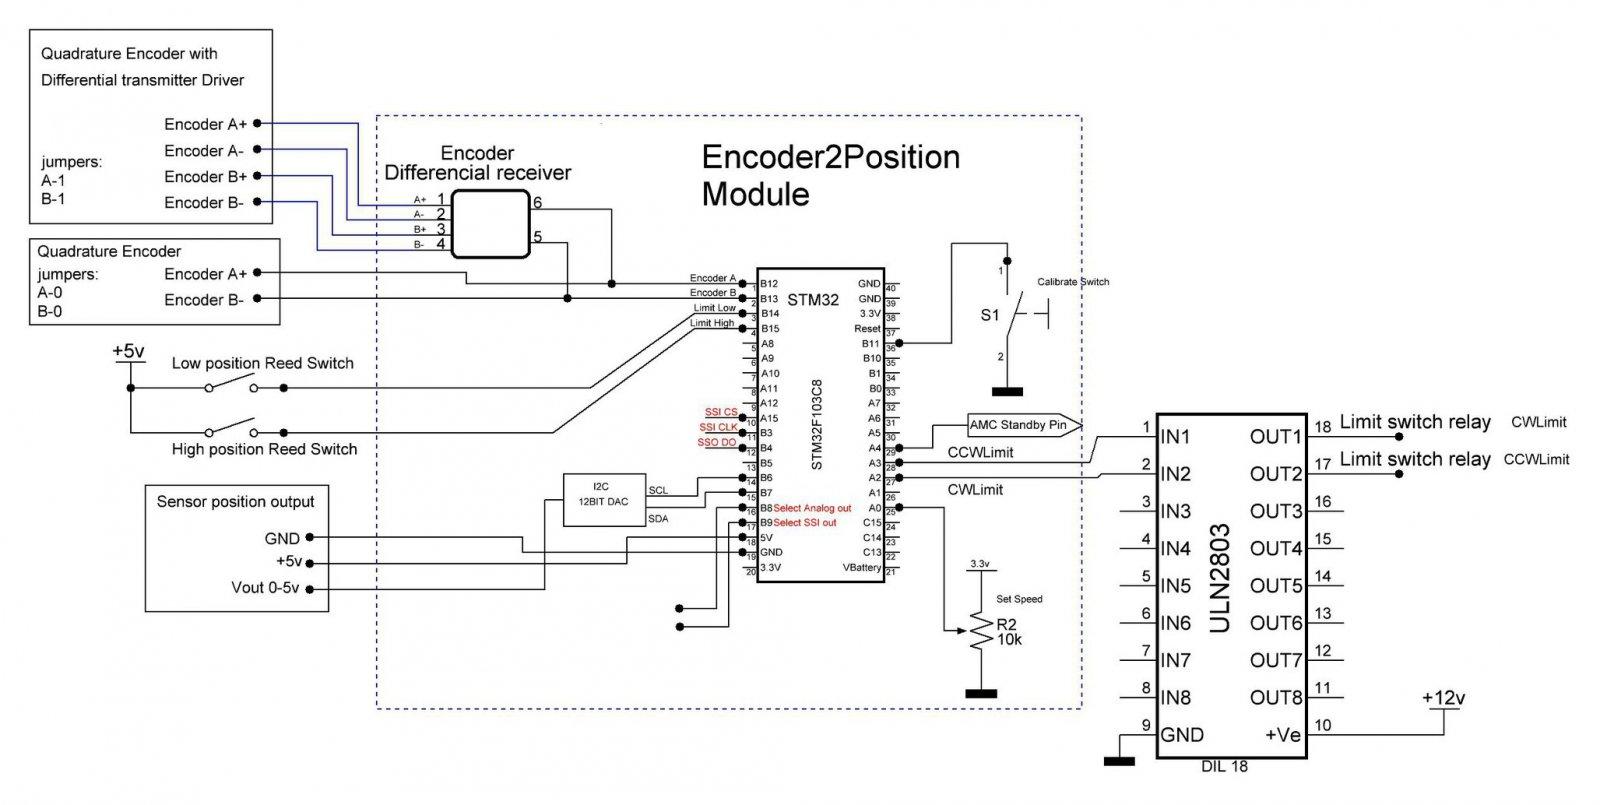 2018-04-01T19_30_46.020Z-Encoder2Position schematic.jpeg